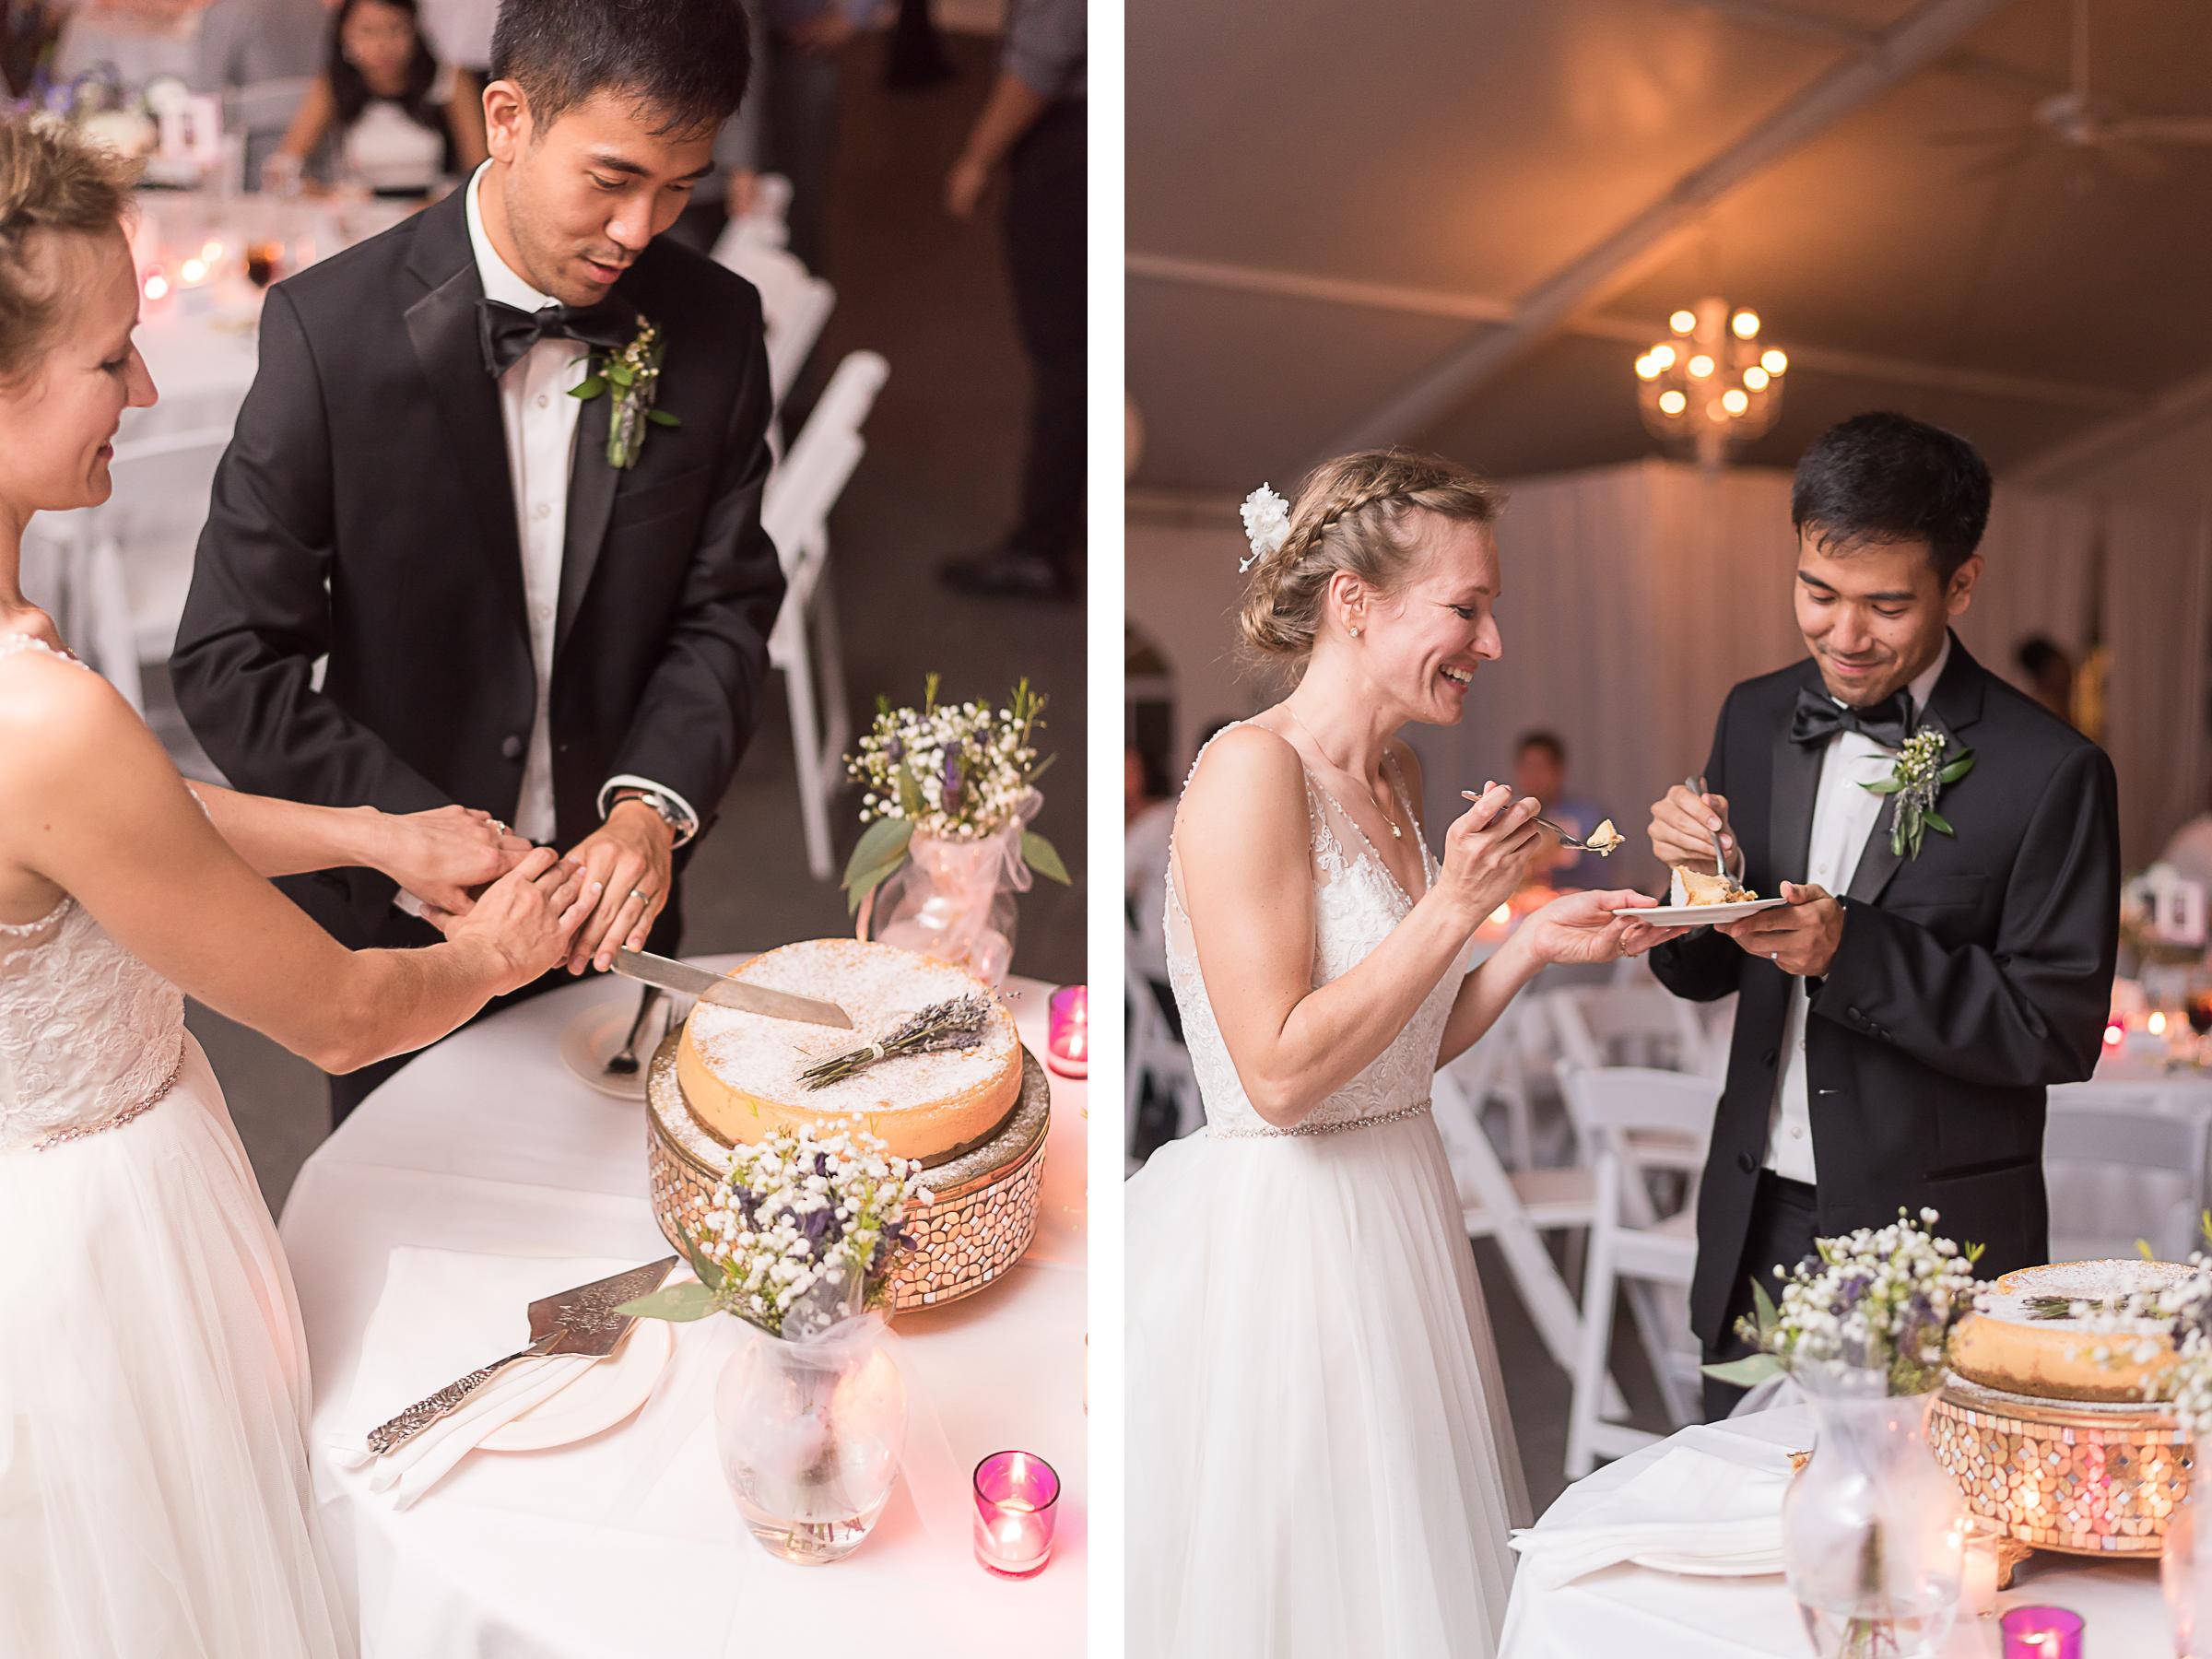 Elkridge-Furnace-Inn-Wedding-Reception-Cake-Cutting